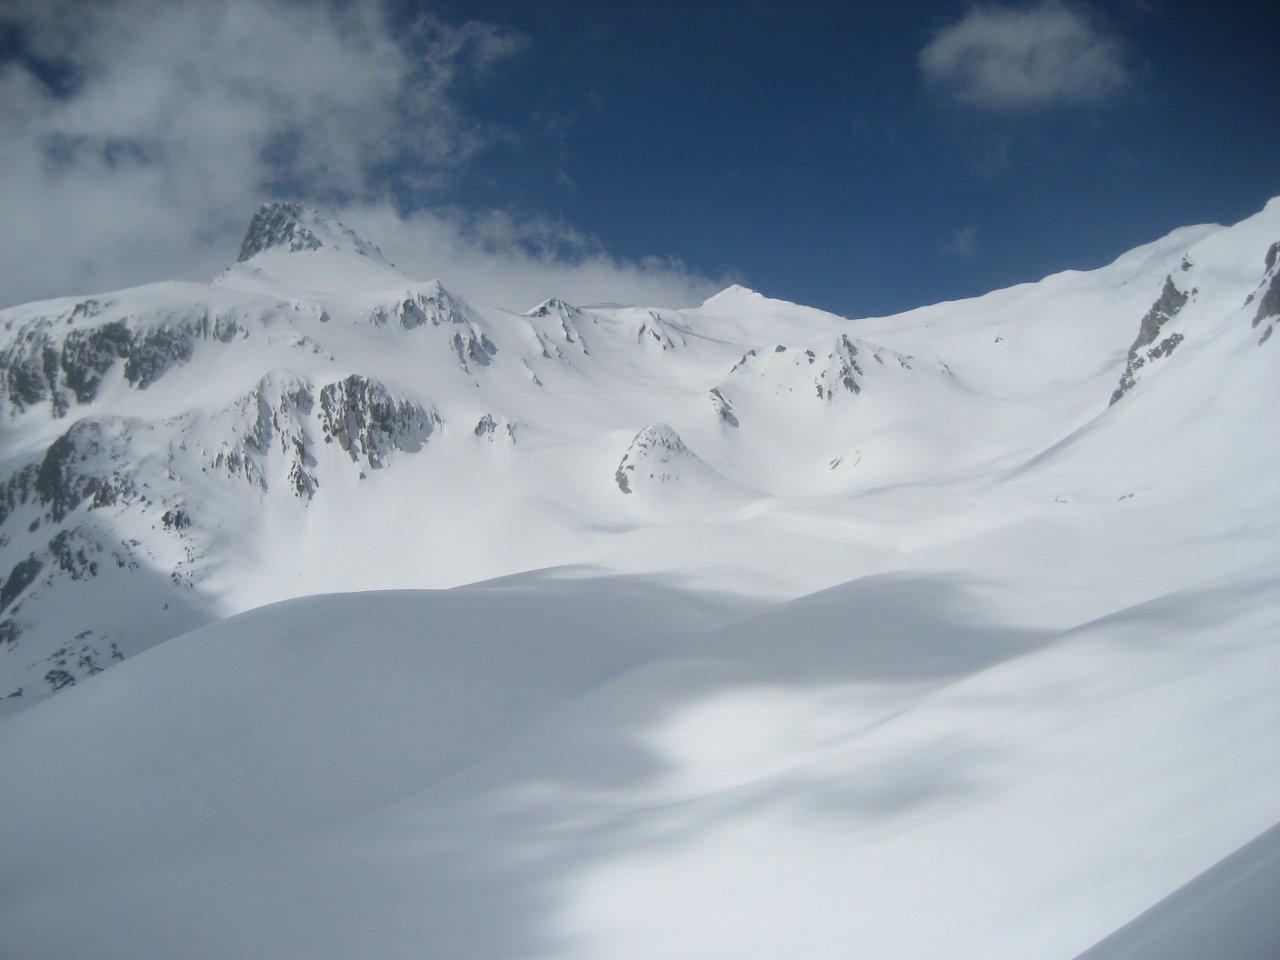 tratto superiore, mont Fourchon al centro della foto